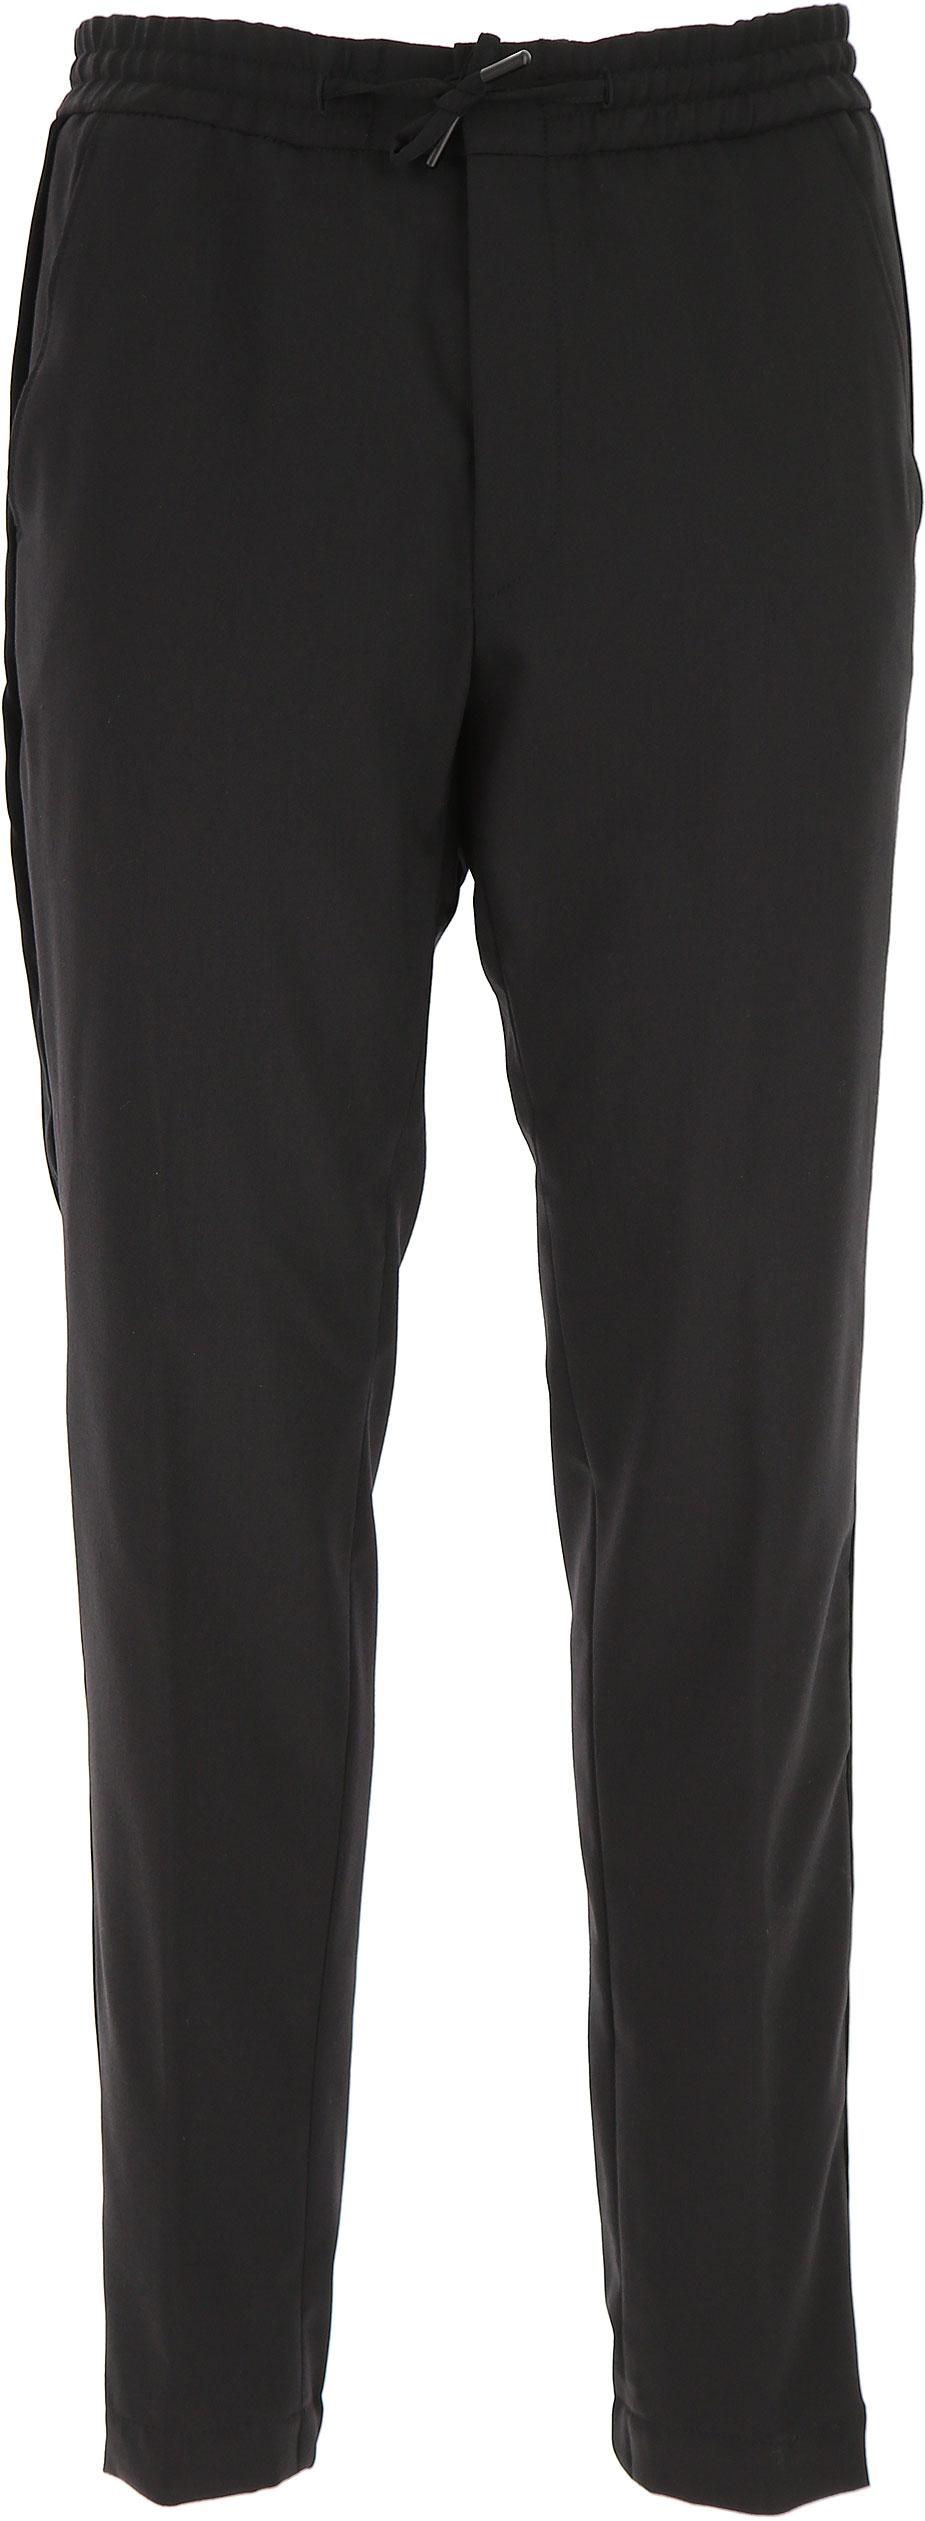 Abbigliamento Uomo Karl Lagerfeld, Codice Articolo: 255012-572086-990